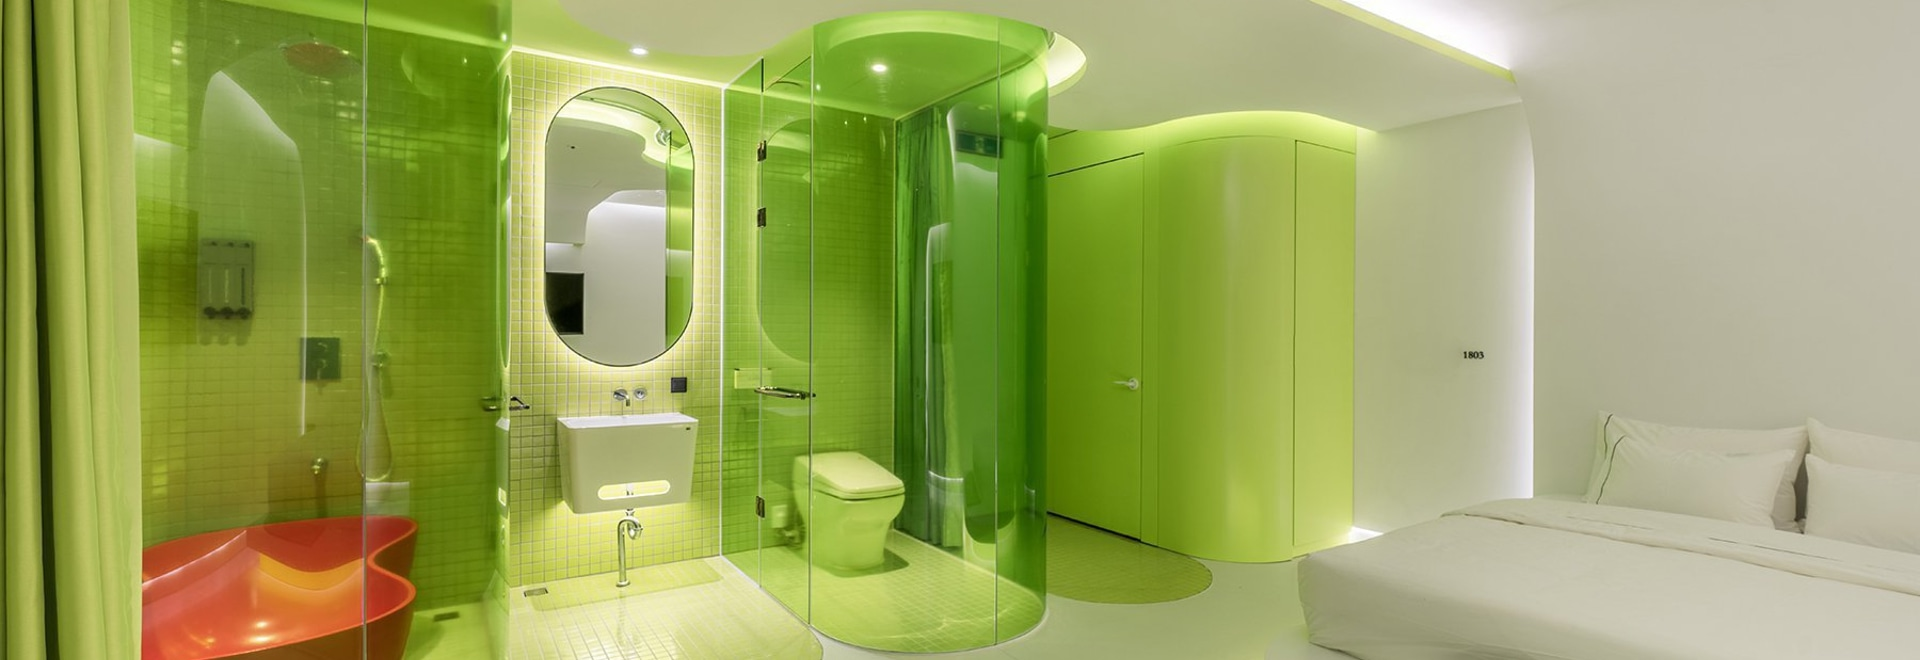 La suite vert citron de SML ressemble à une cabine futuriste de vaisseau spatial